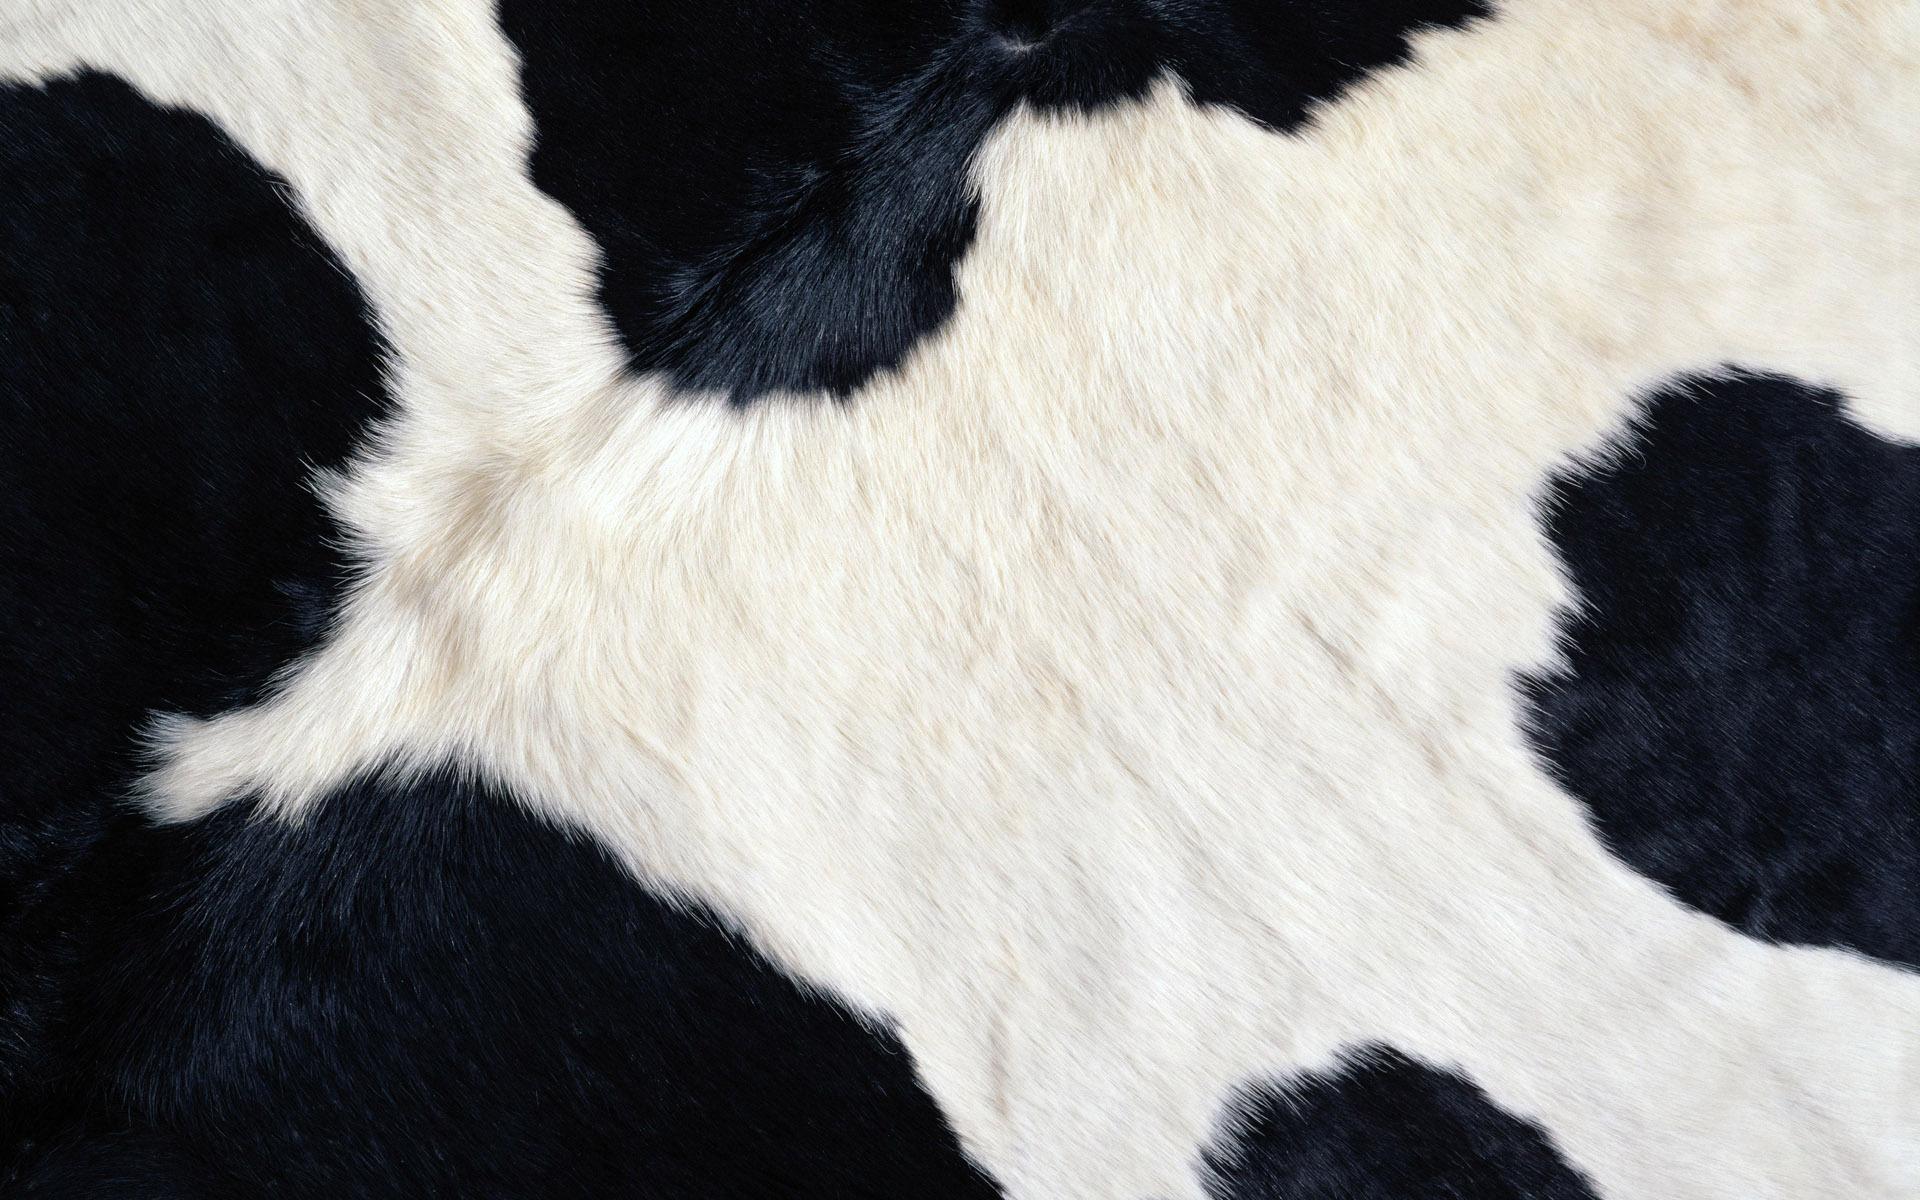 пятнистая шкура коровы, фото, обои для рабочего стола